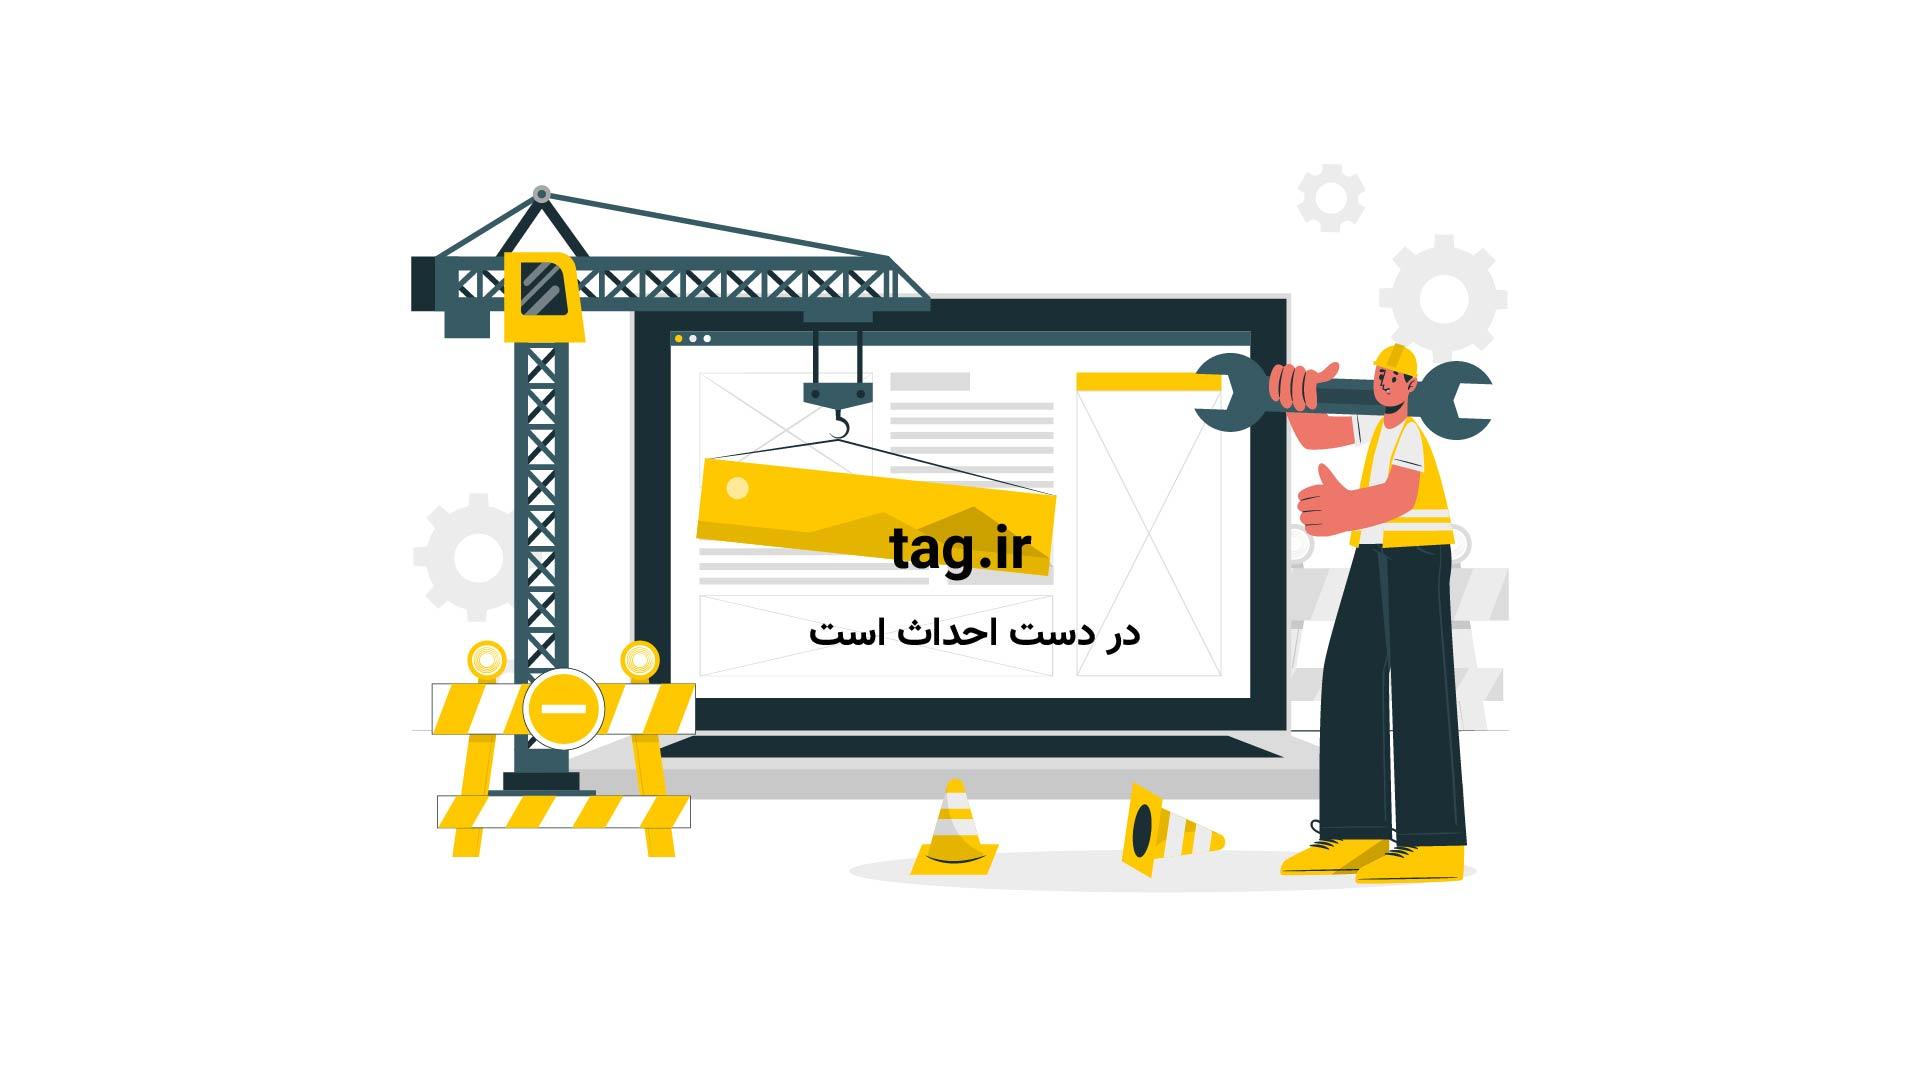 خلبان و کمک خلبان در سانحه بالگرد پنها به شهادت رسیدند | فیلم